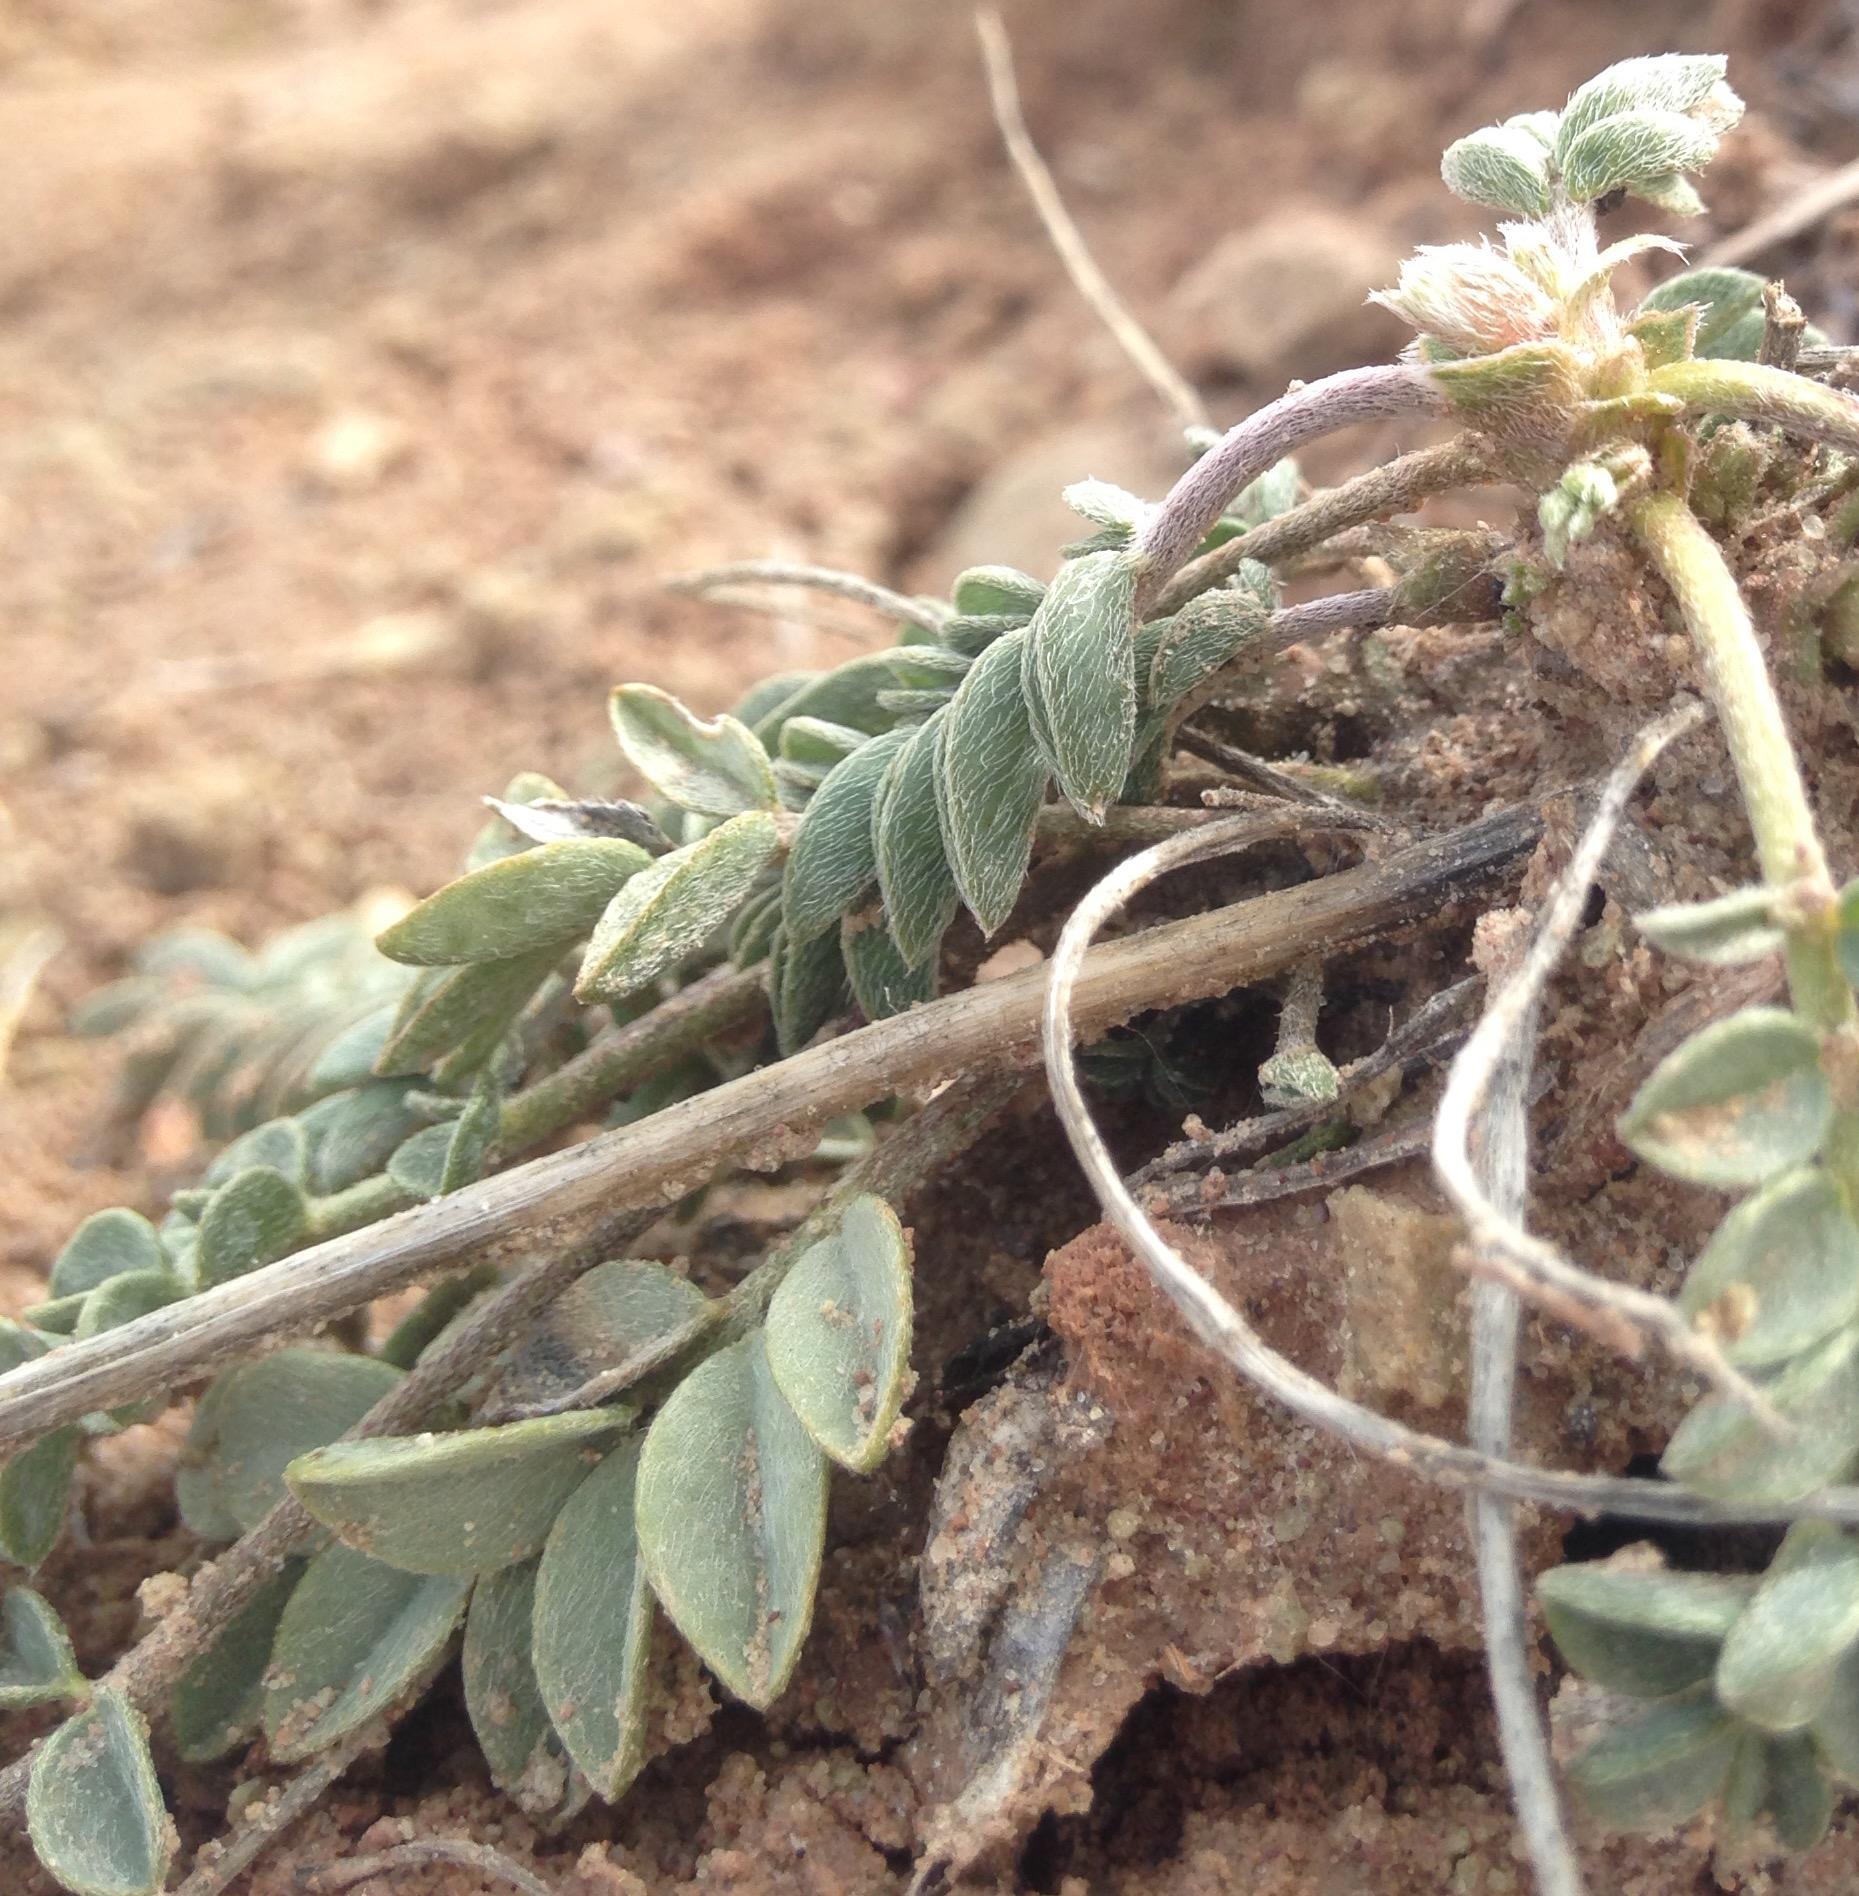 Endemic Astragalus species